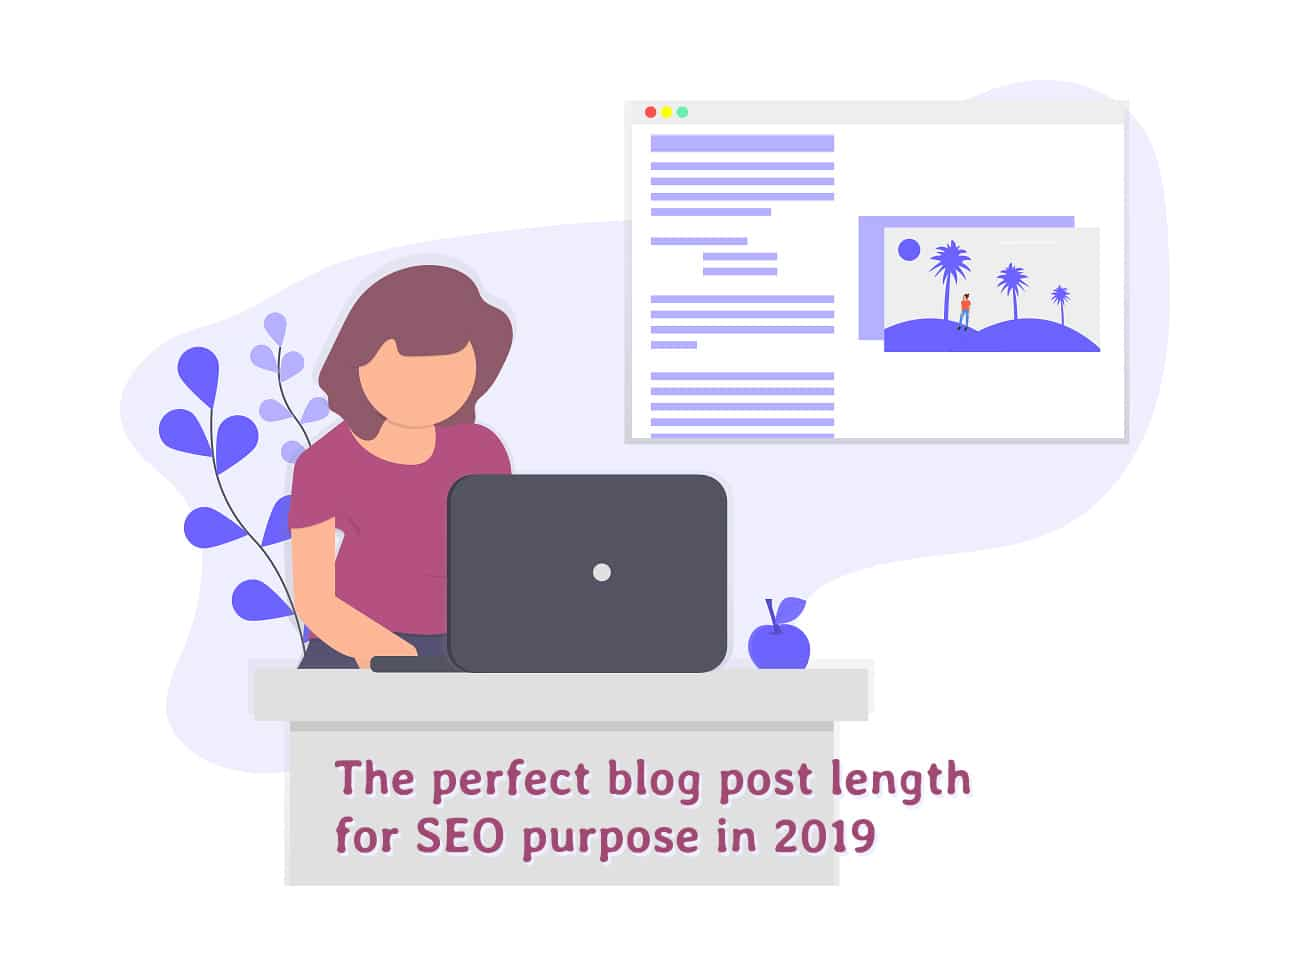 Best blog post length for SEO